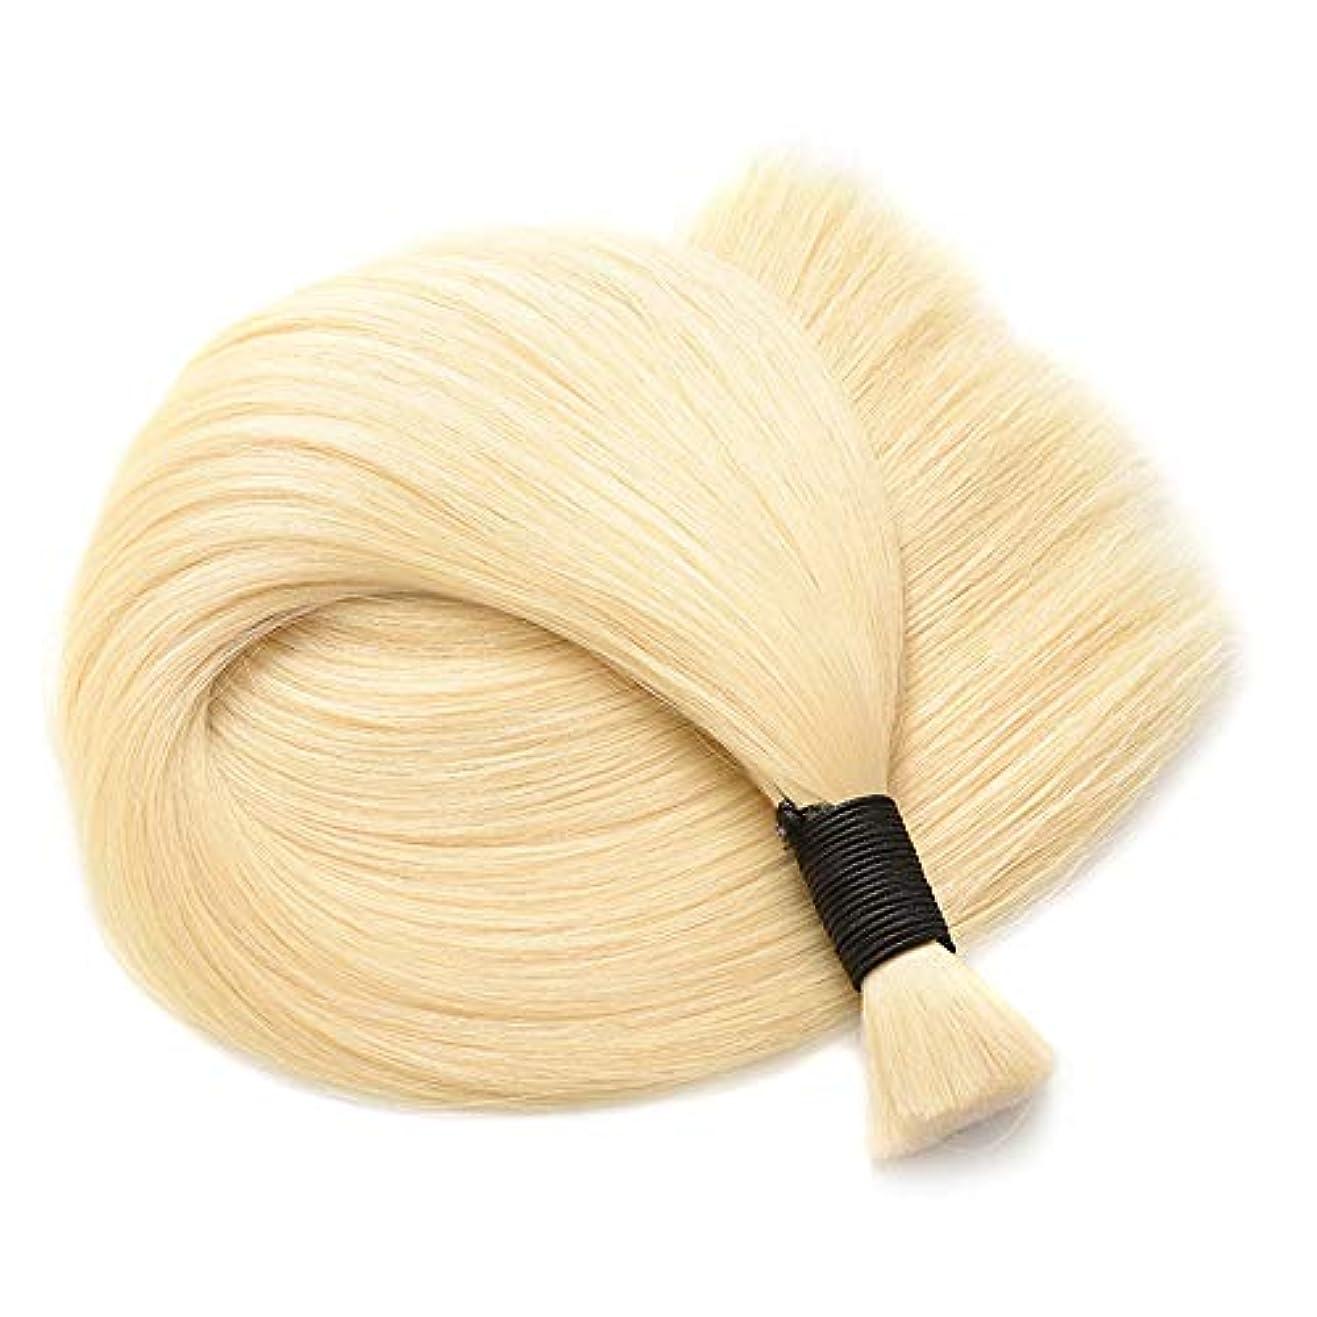 抵当鎮痛剤疑問を超えてJULYTER Remy Nano Ring人毛エクステンション#613金髪Nano Beadヘアエクステンション実際のストレートヘア100g /パック (色 : Blonde, サイズ : 28 inch)